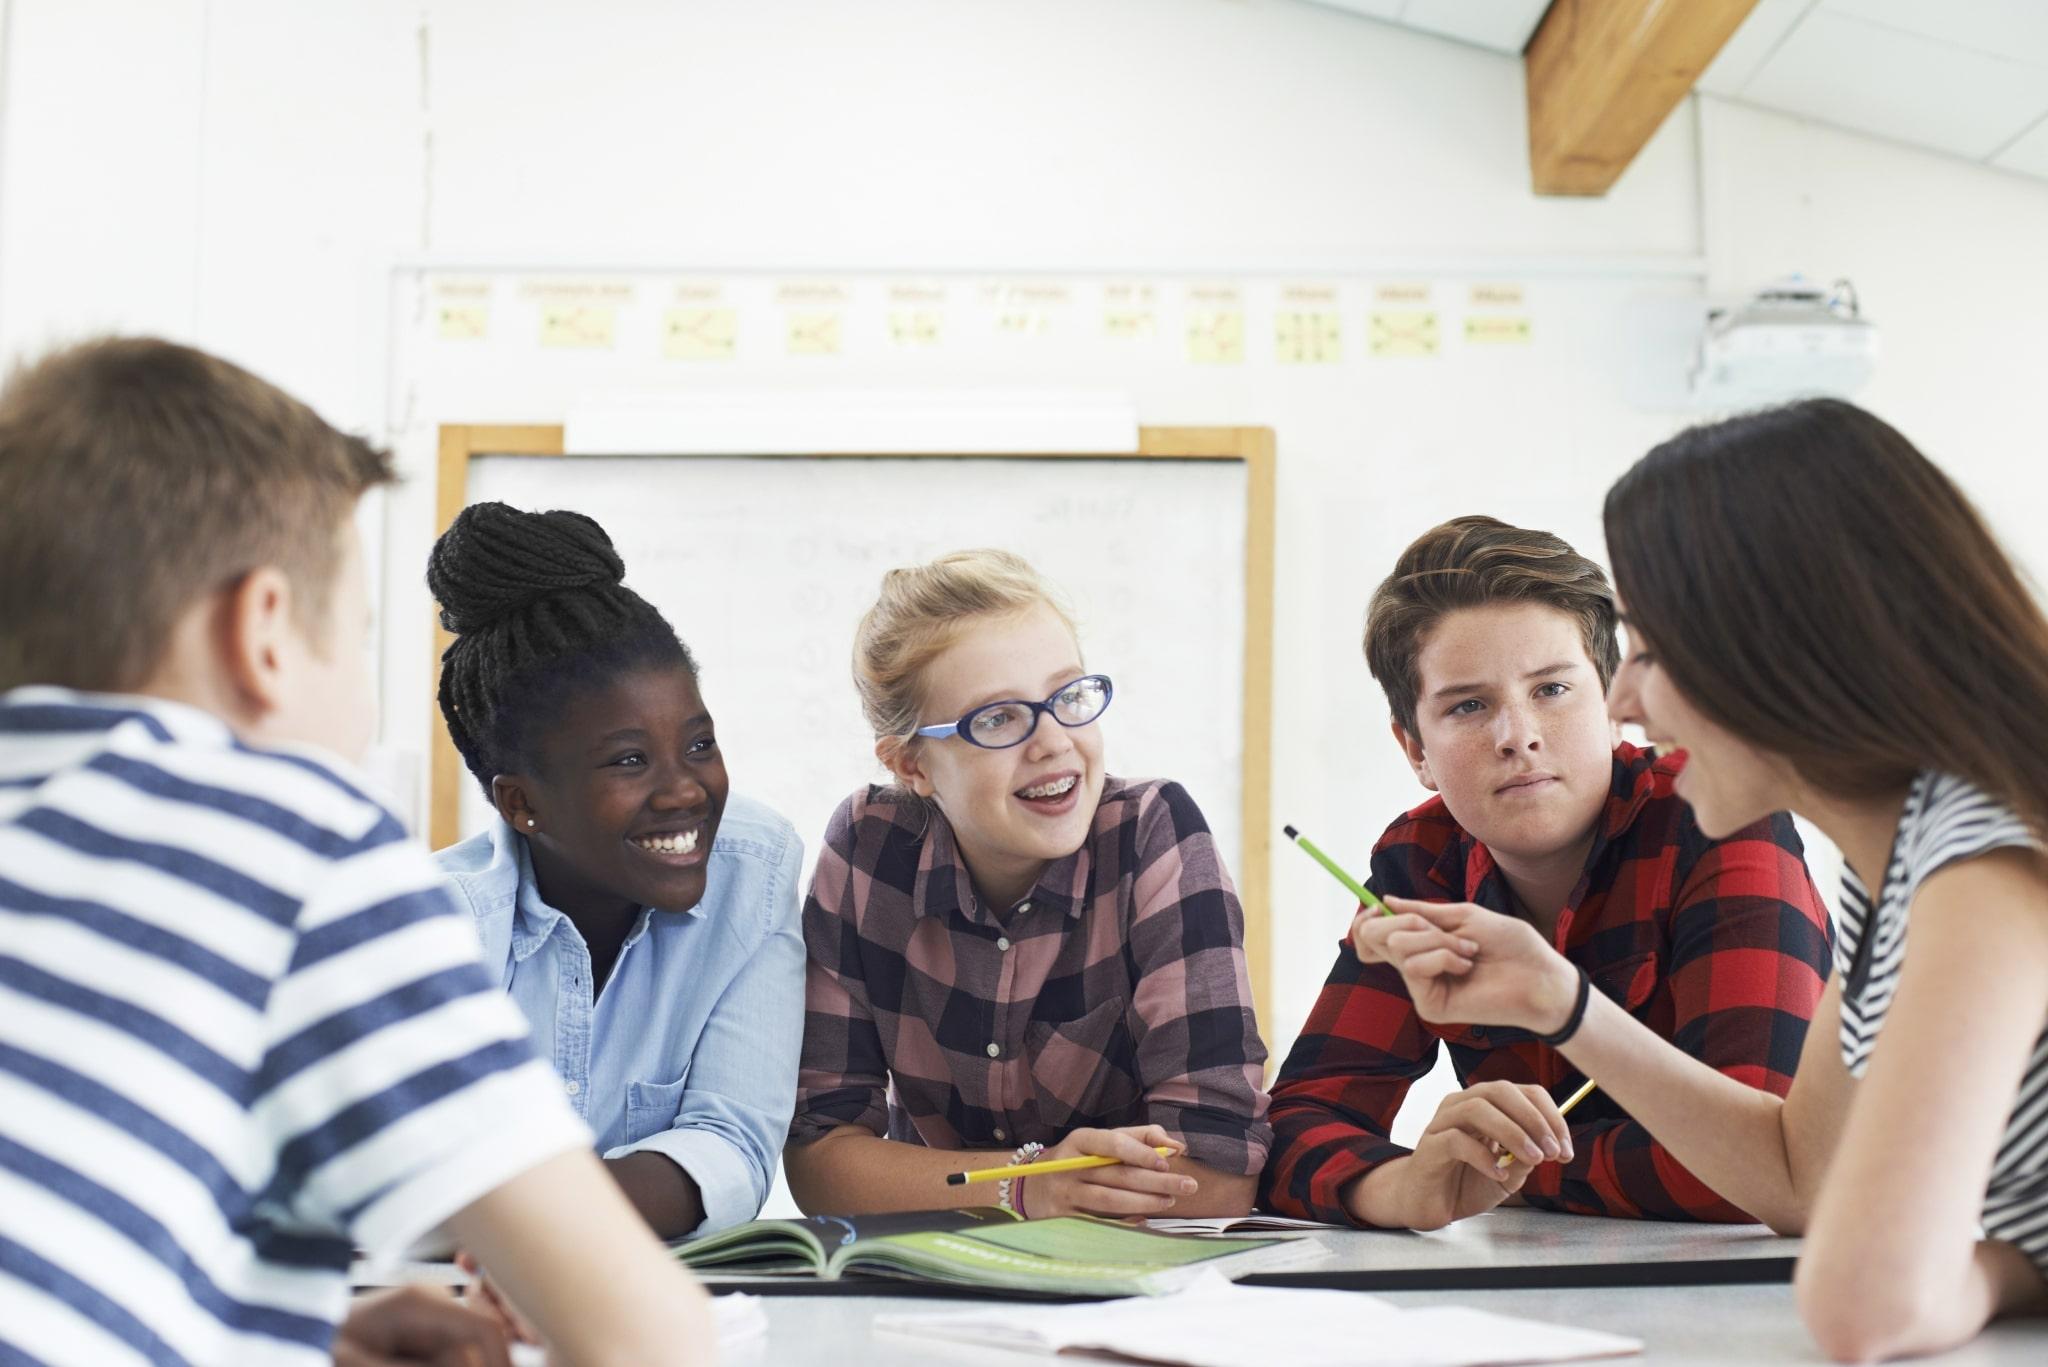 Kinder werden gemeinsam unterrichtet